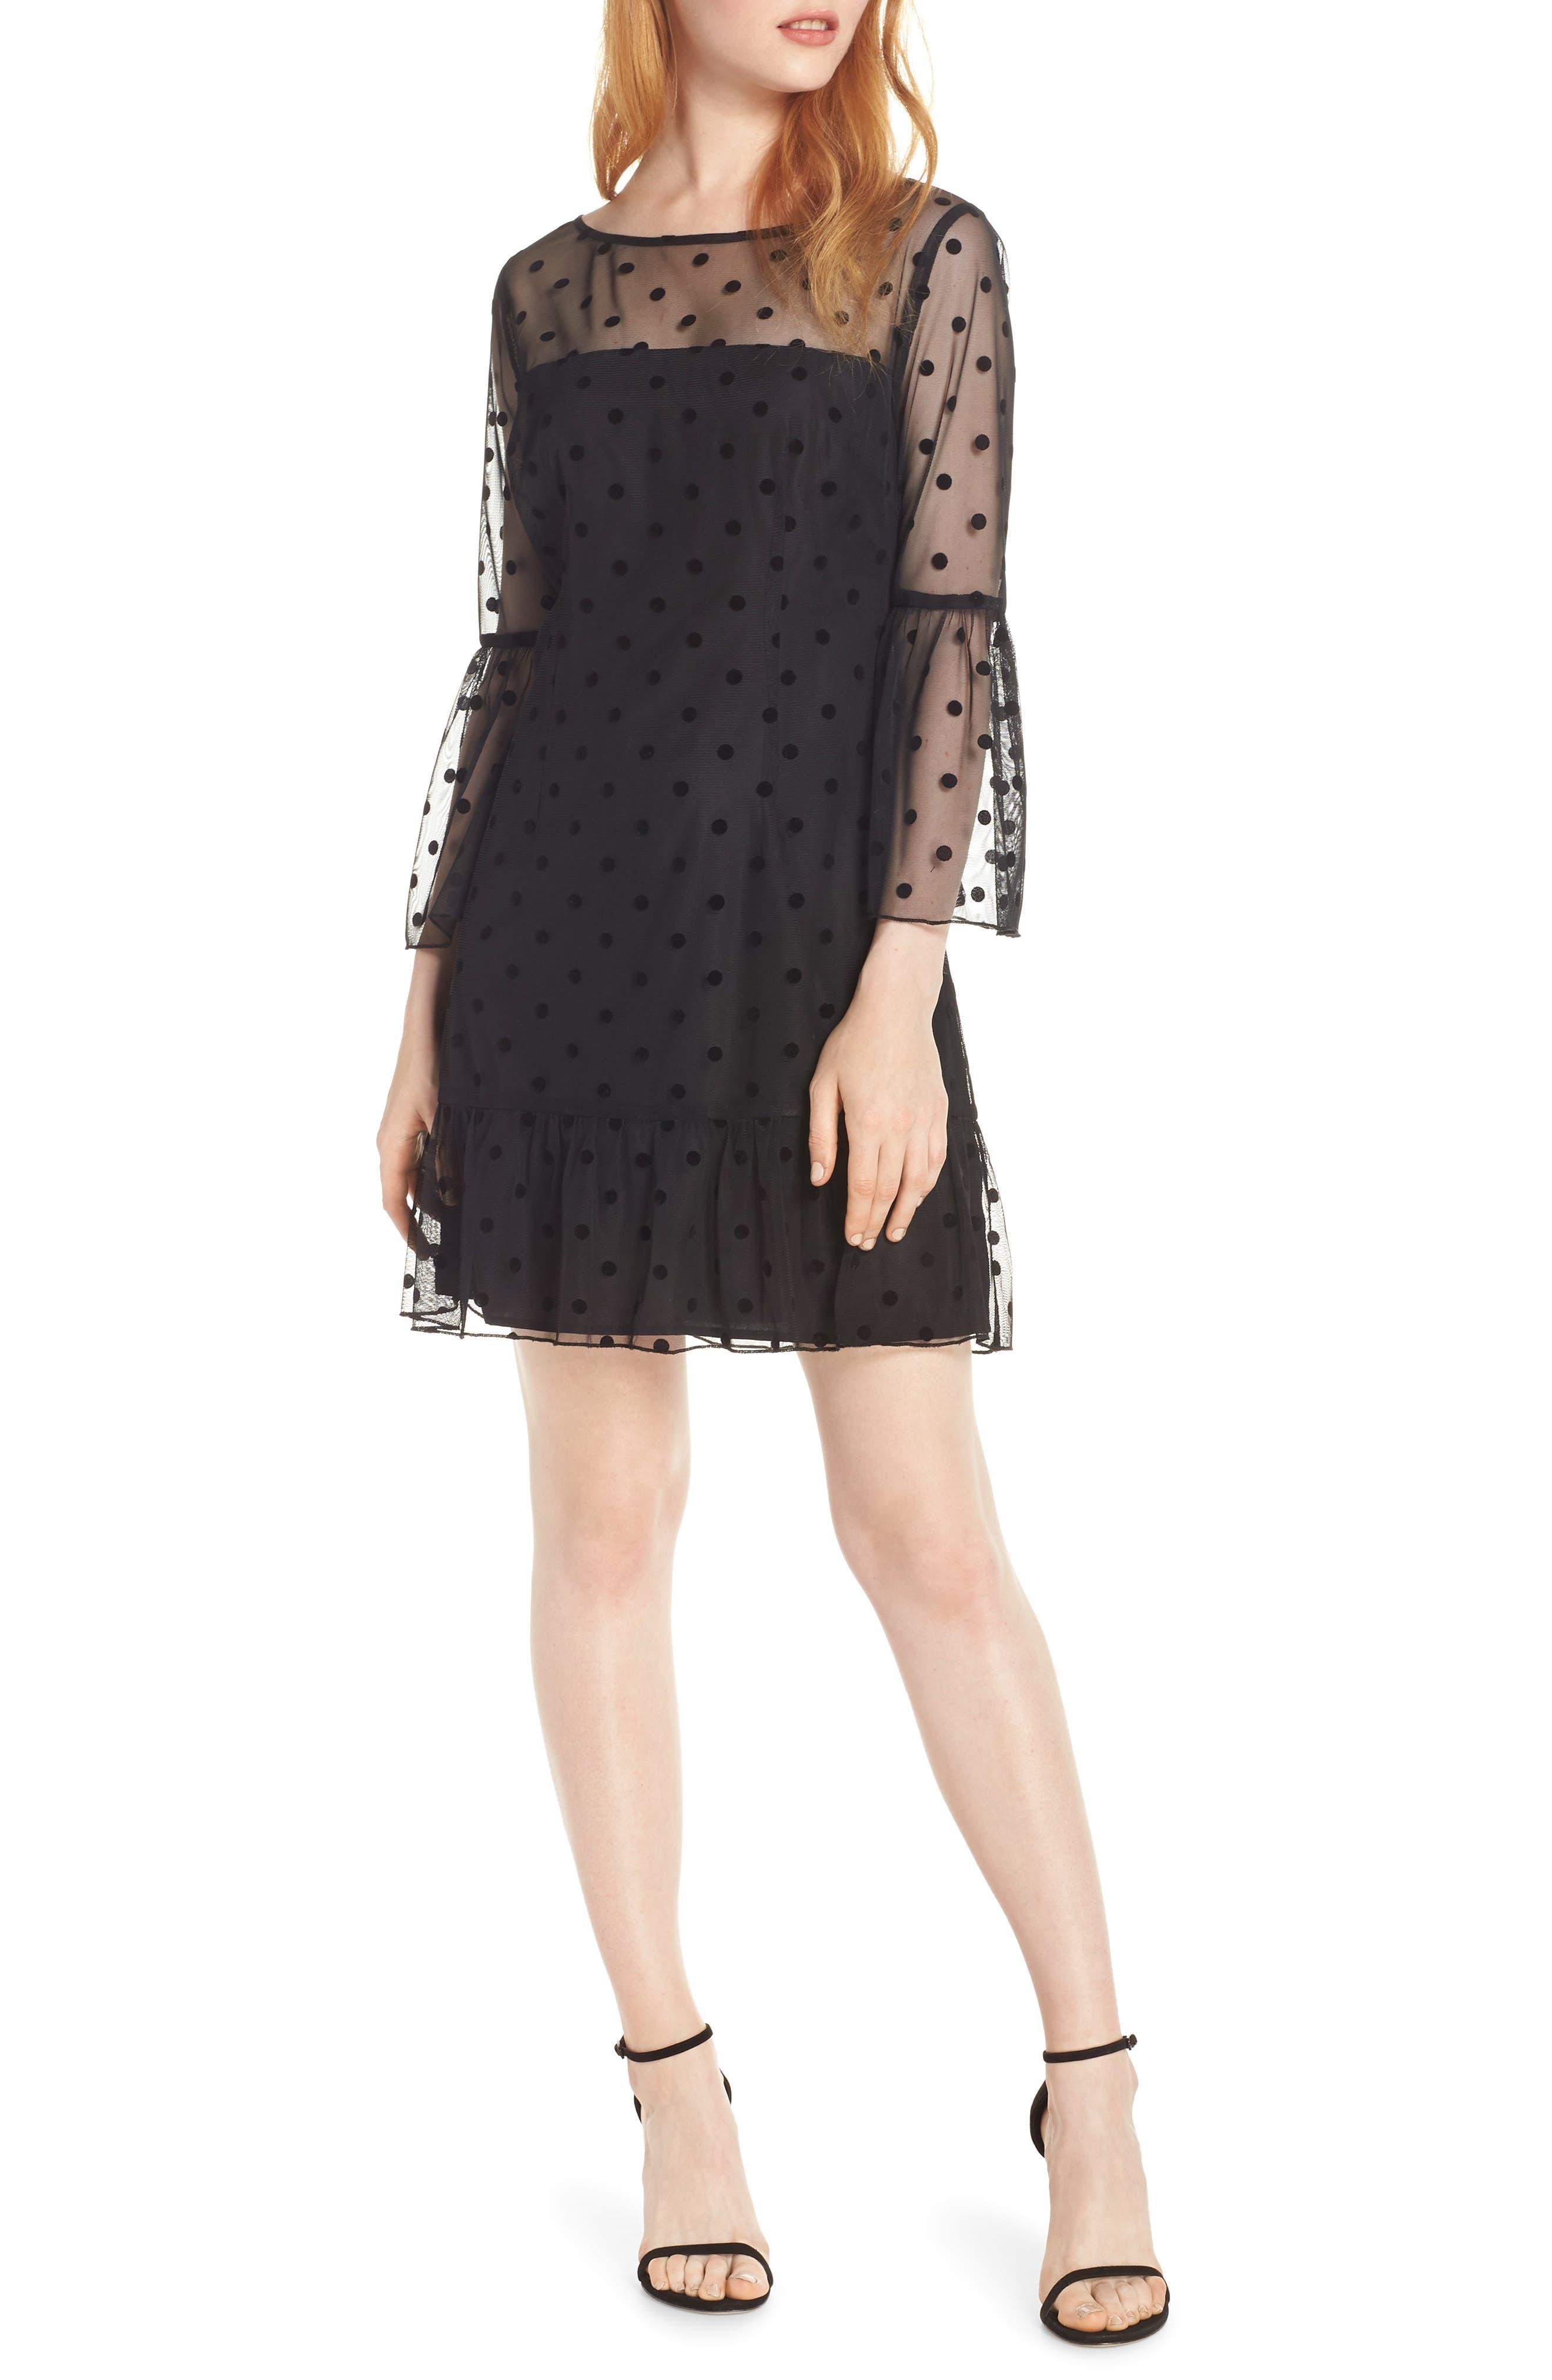 Bb Dakota Swiss Dot Dress